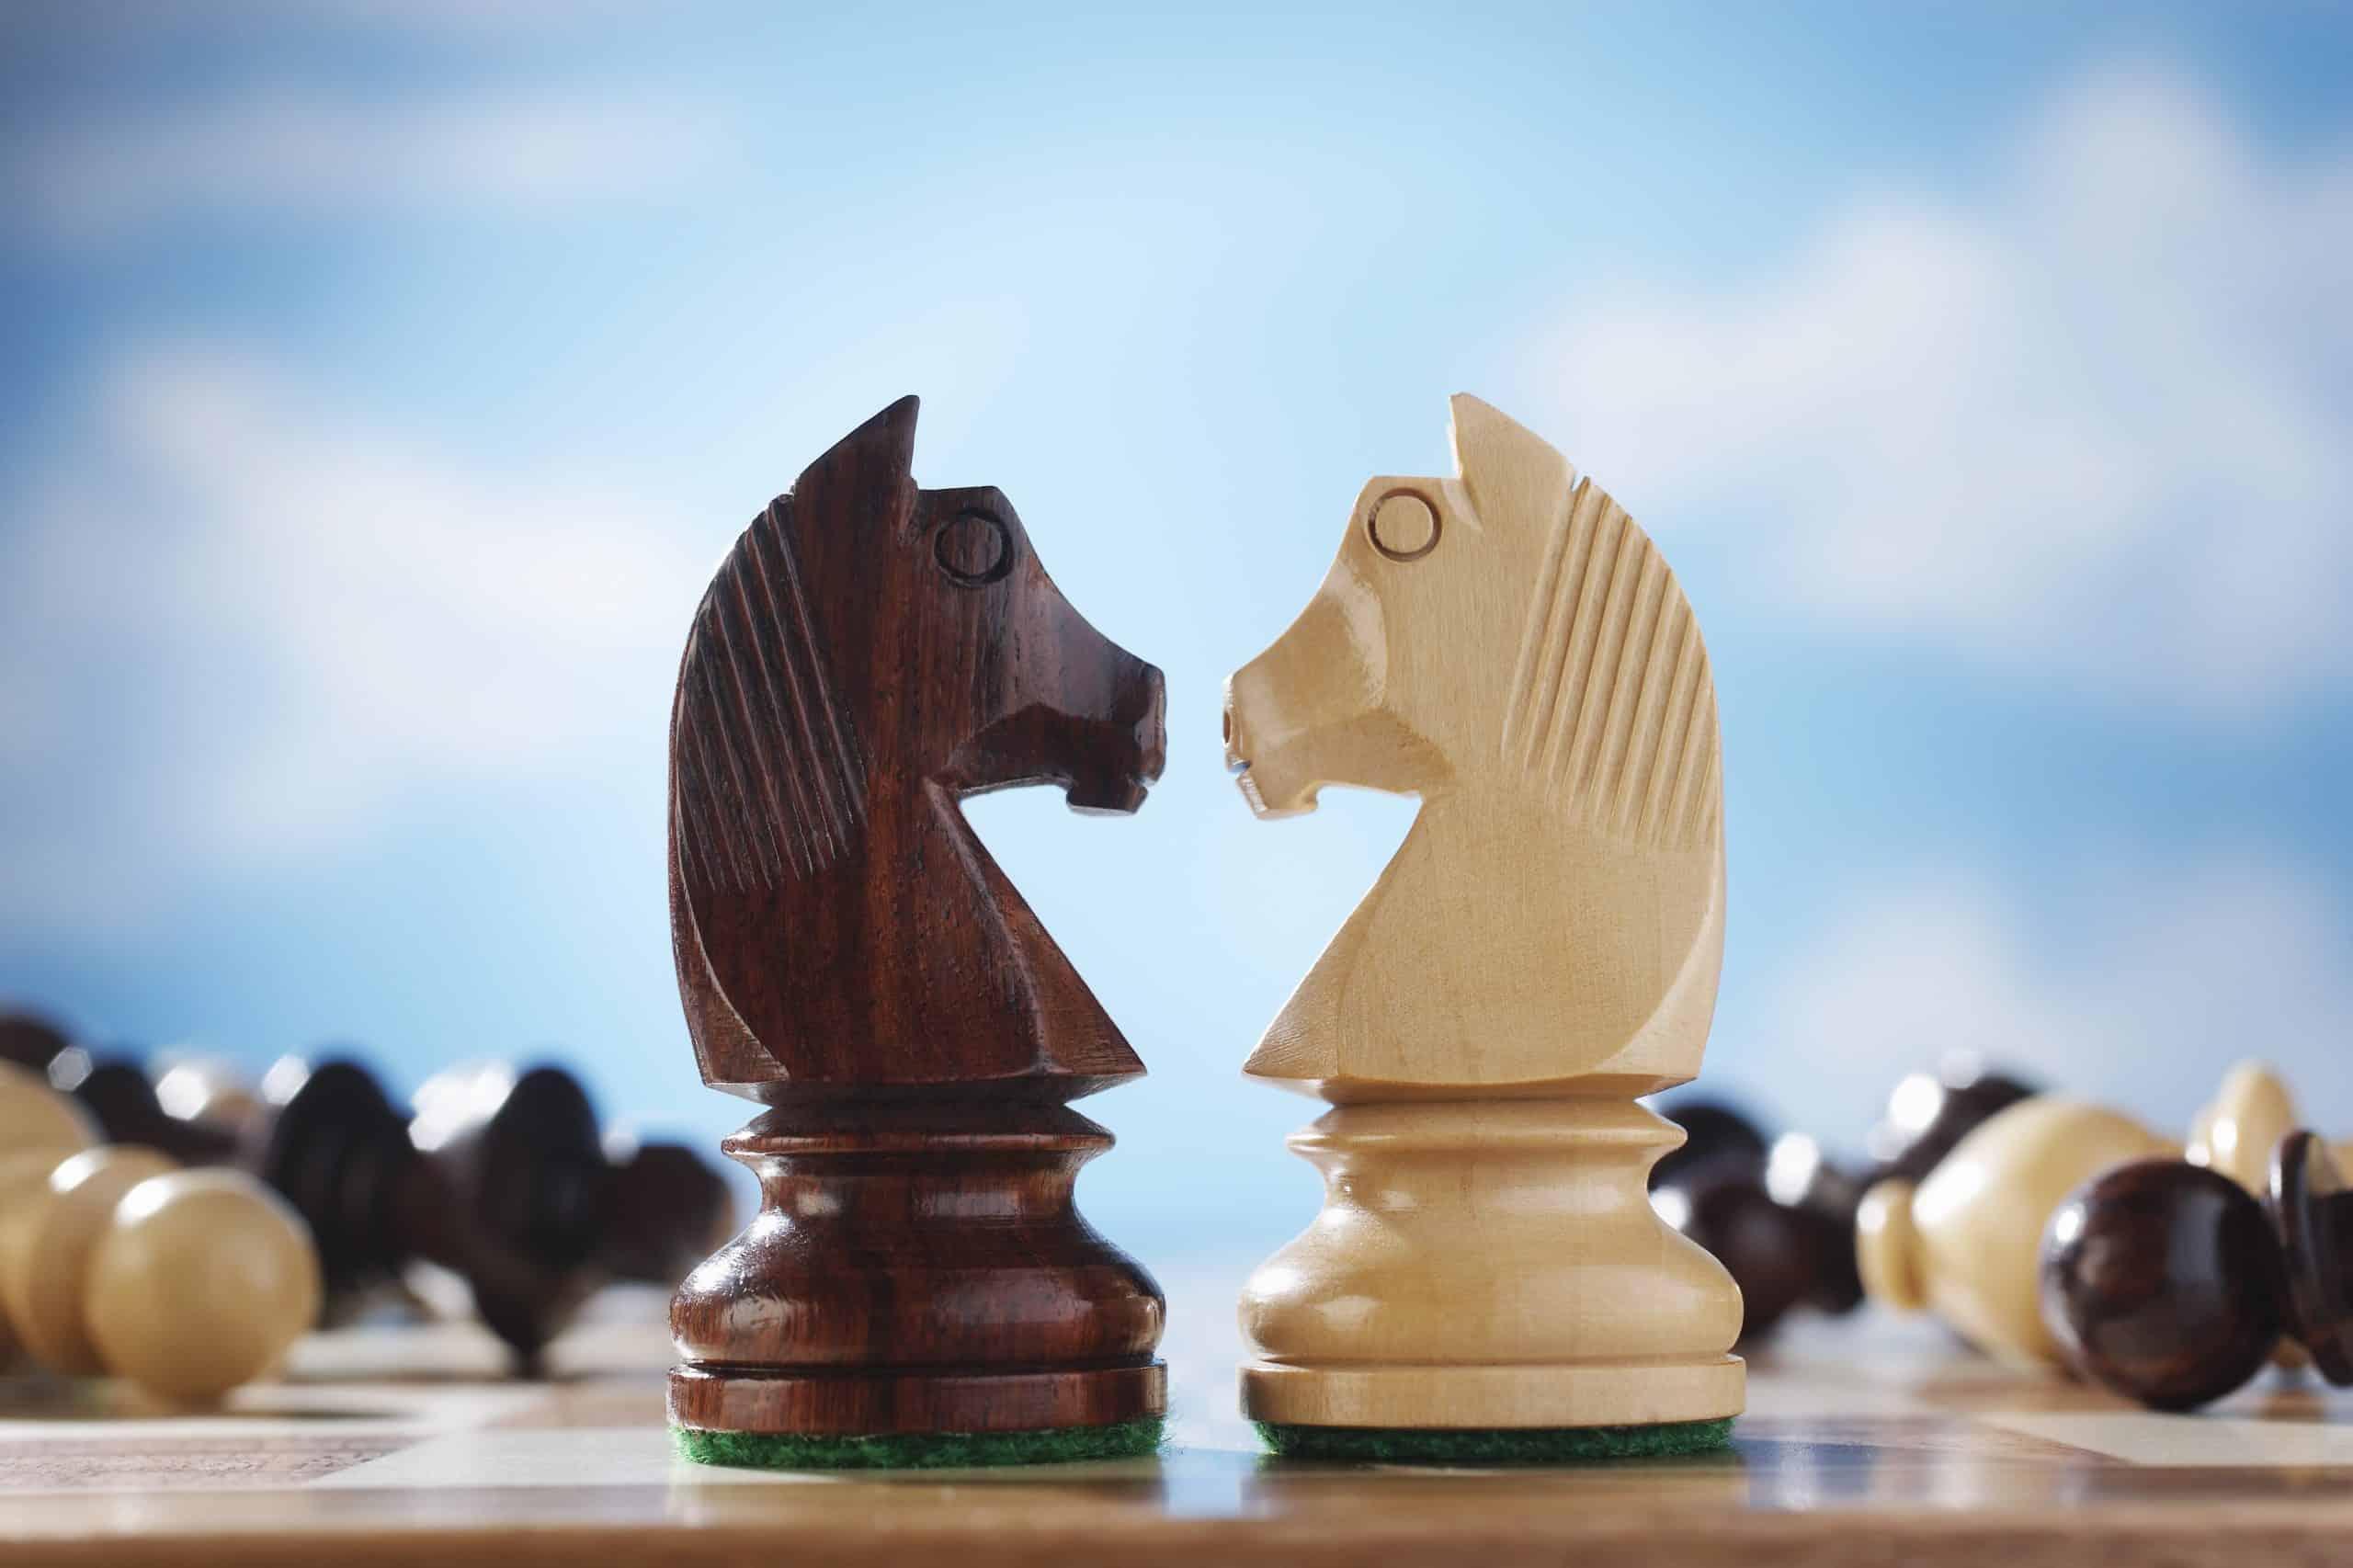 Aandelen en obligaties zijn twee kanten van dezelfde medaille - verschillen tussen activaklassen nemen af